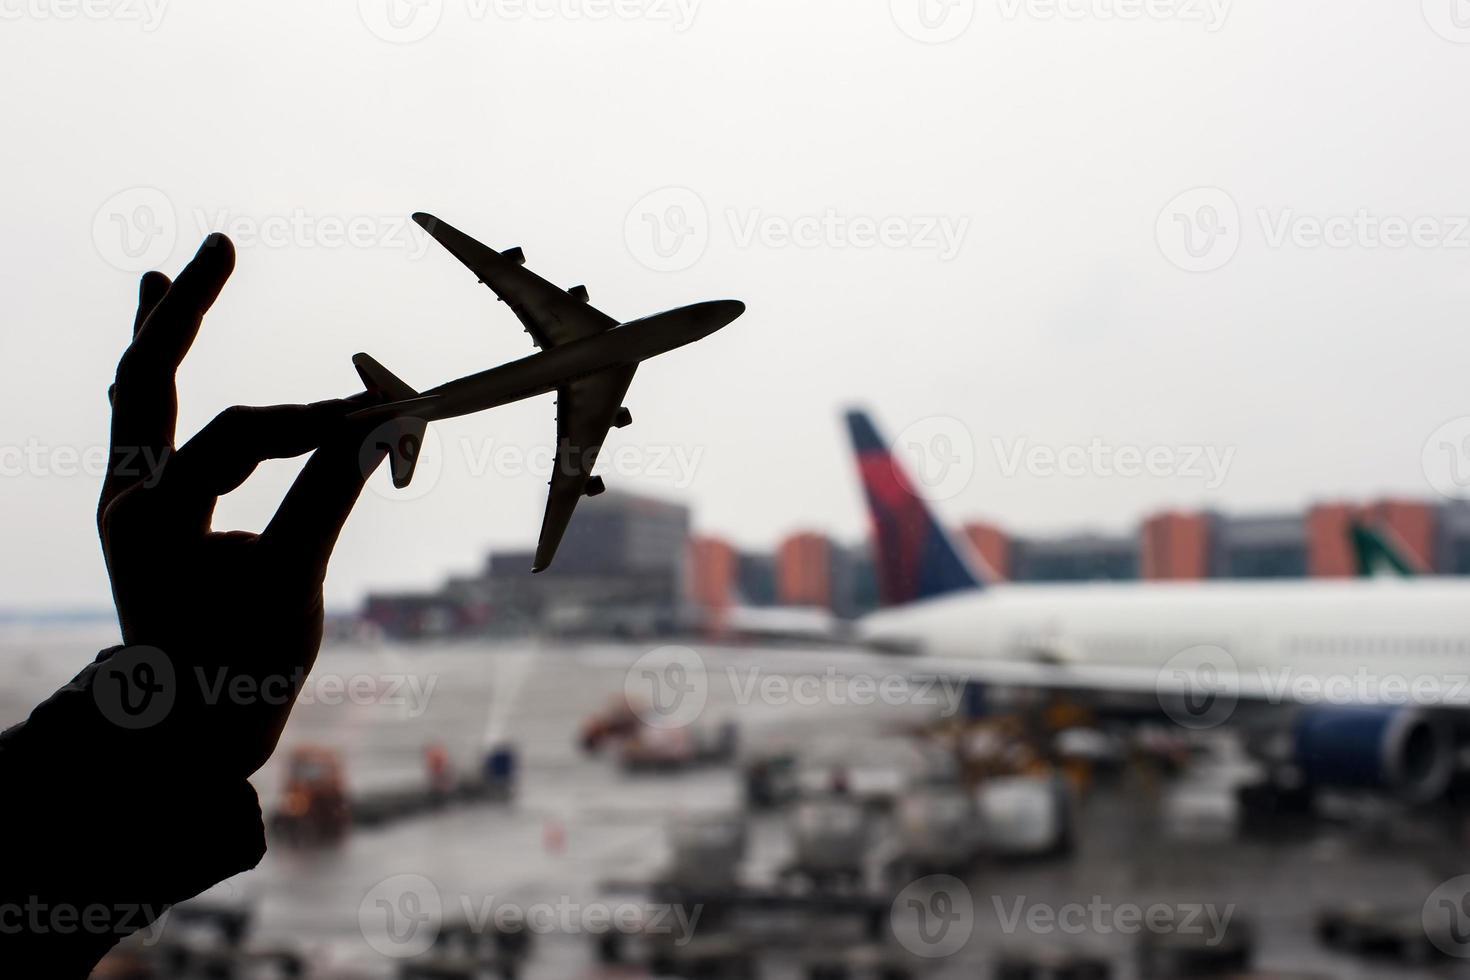 silhueta de um modelo de avião pequeno no fundo do aeroporto foto